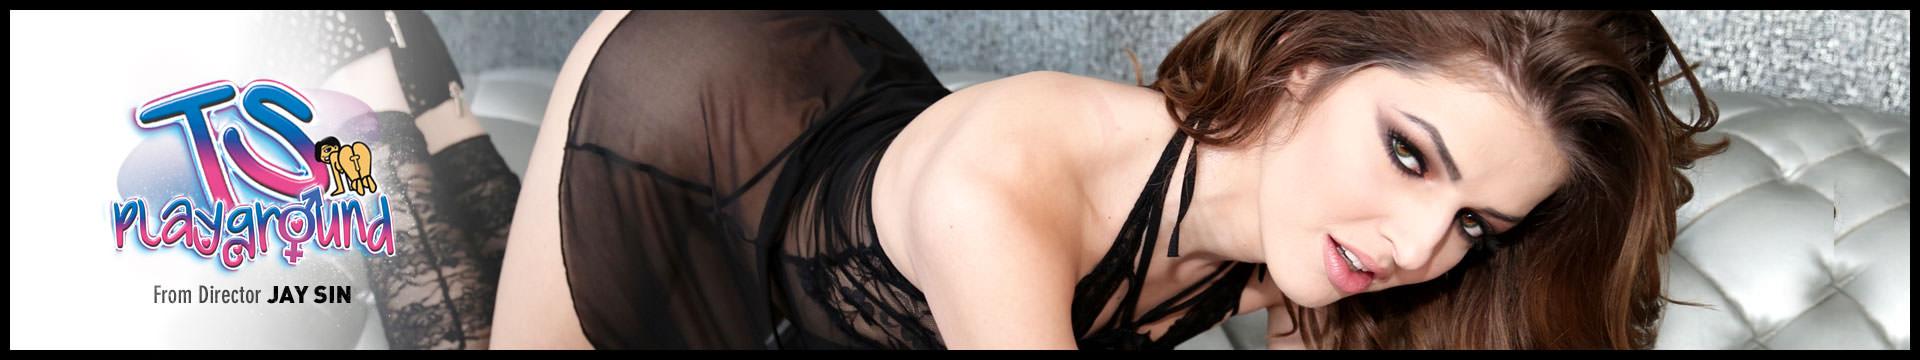 Bailey Jay porno kanal